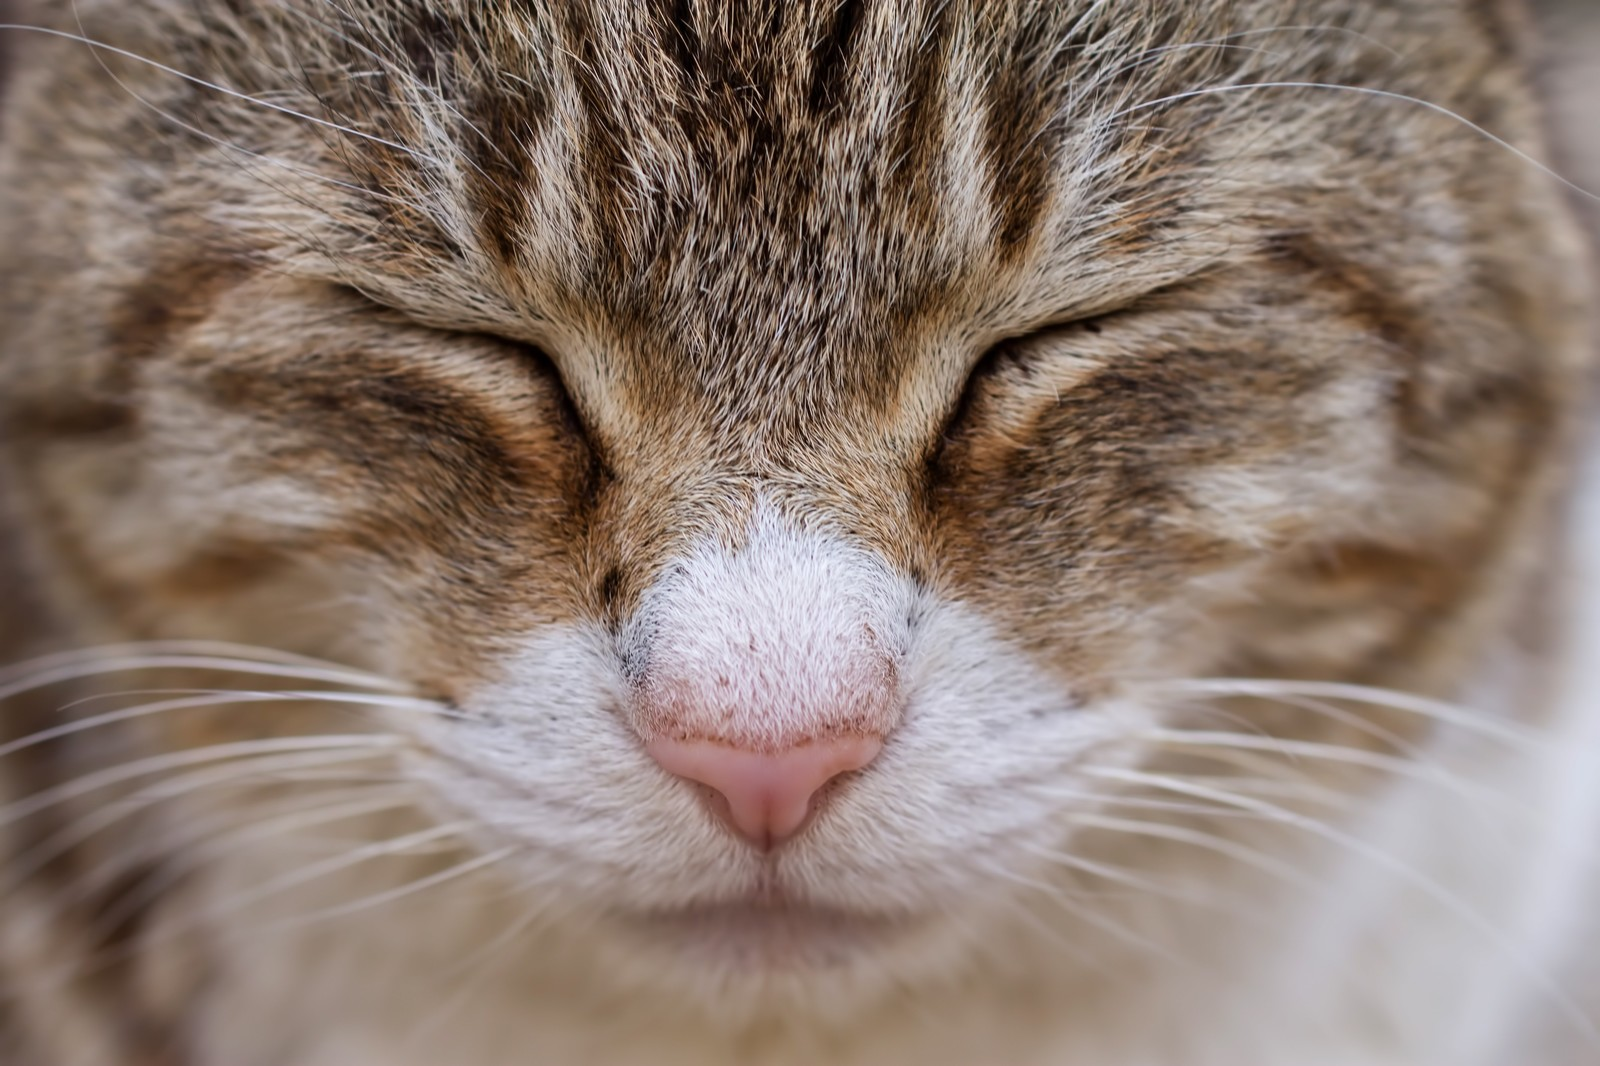 「目をつぶる猫(顔アップ)」の写真